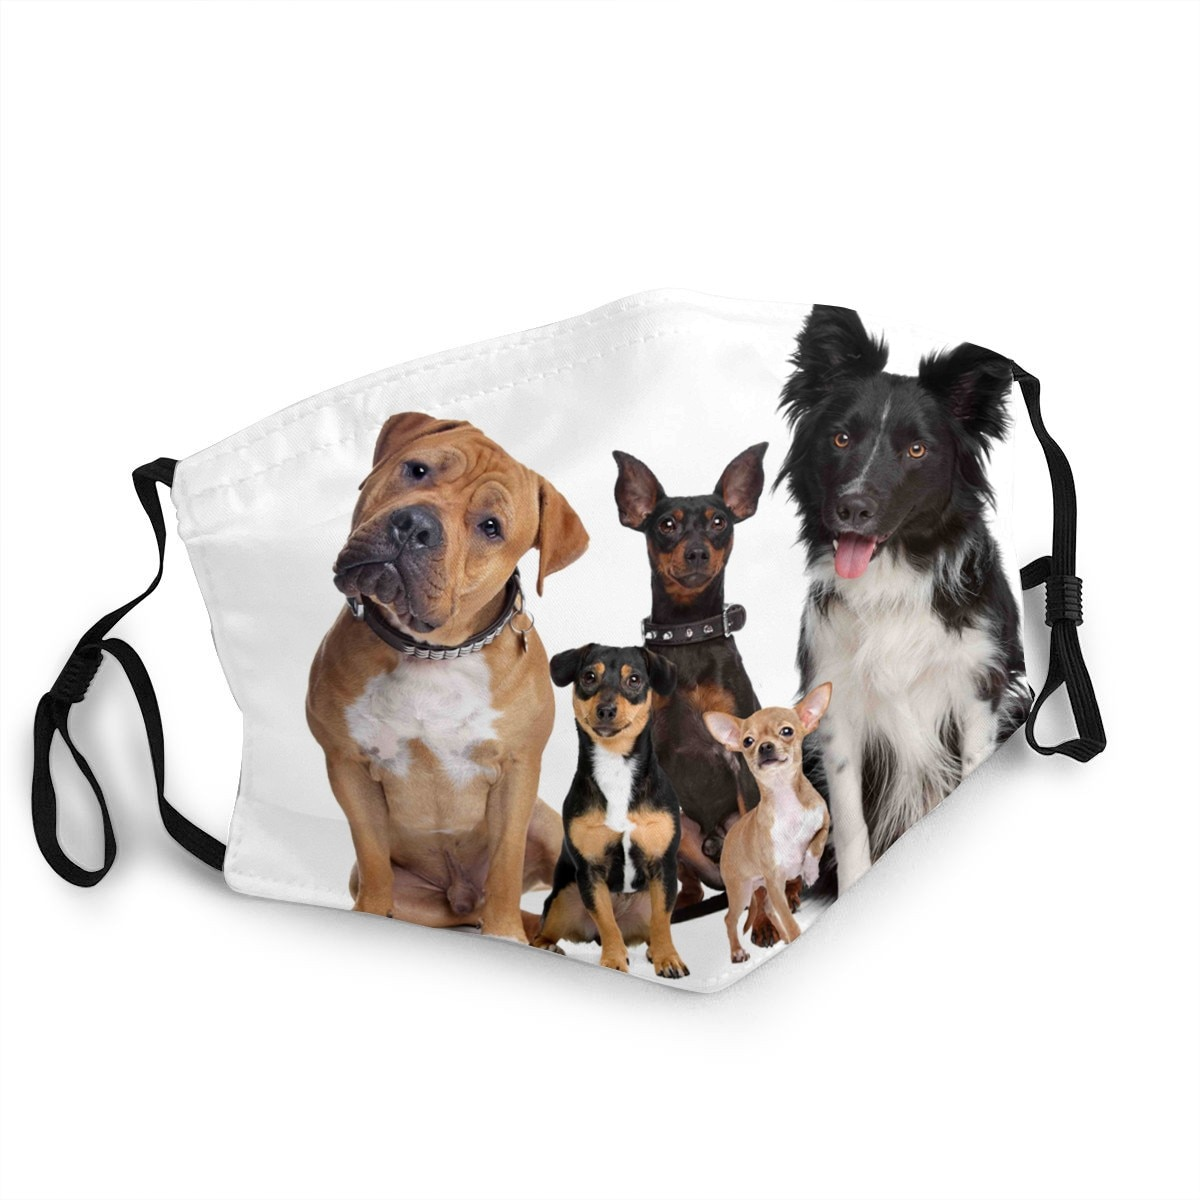 Máscara animal respirável da tela do cão máscaras lavável reusável filtro máscara de poeira husky pastor alemão para crianças/adultos